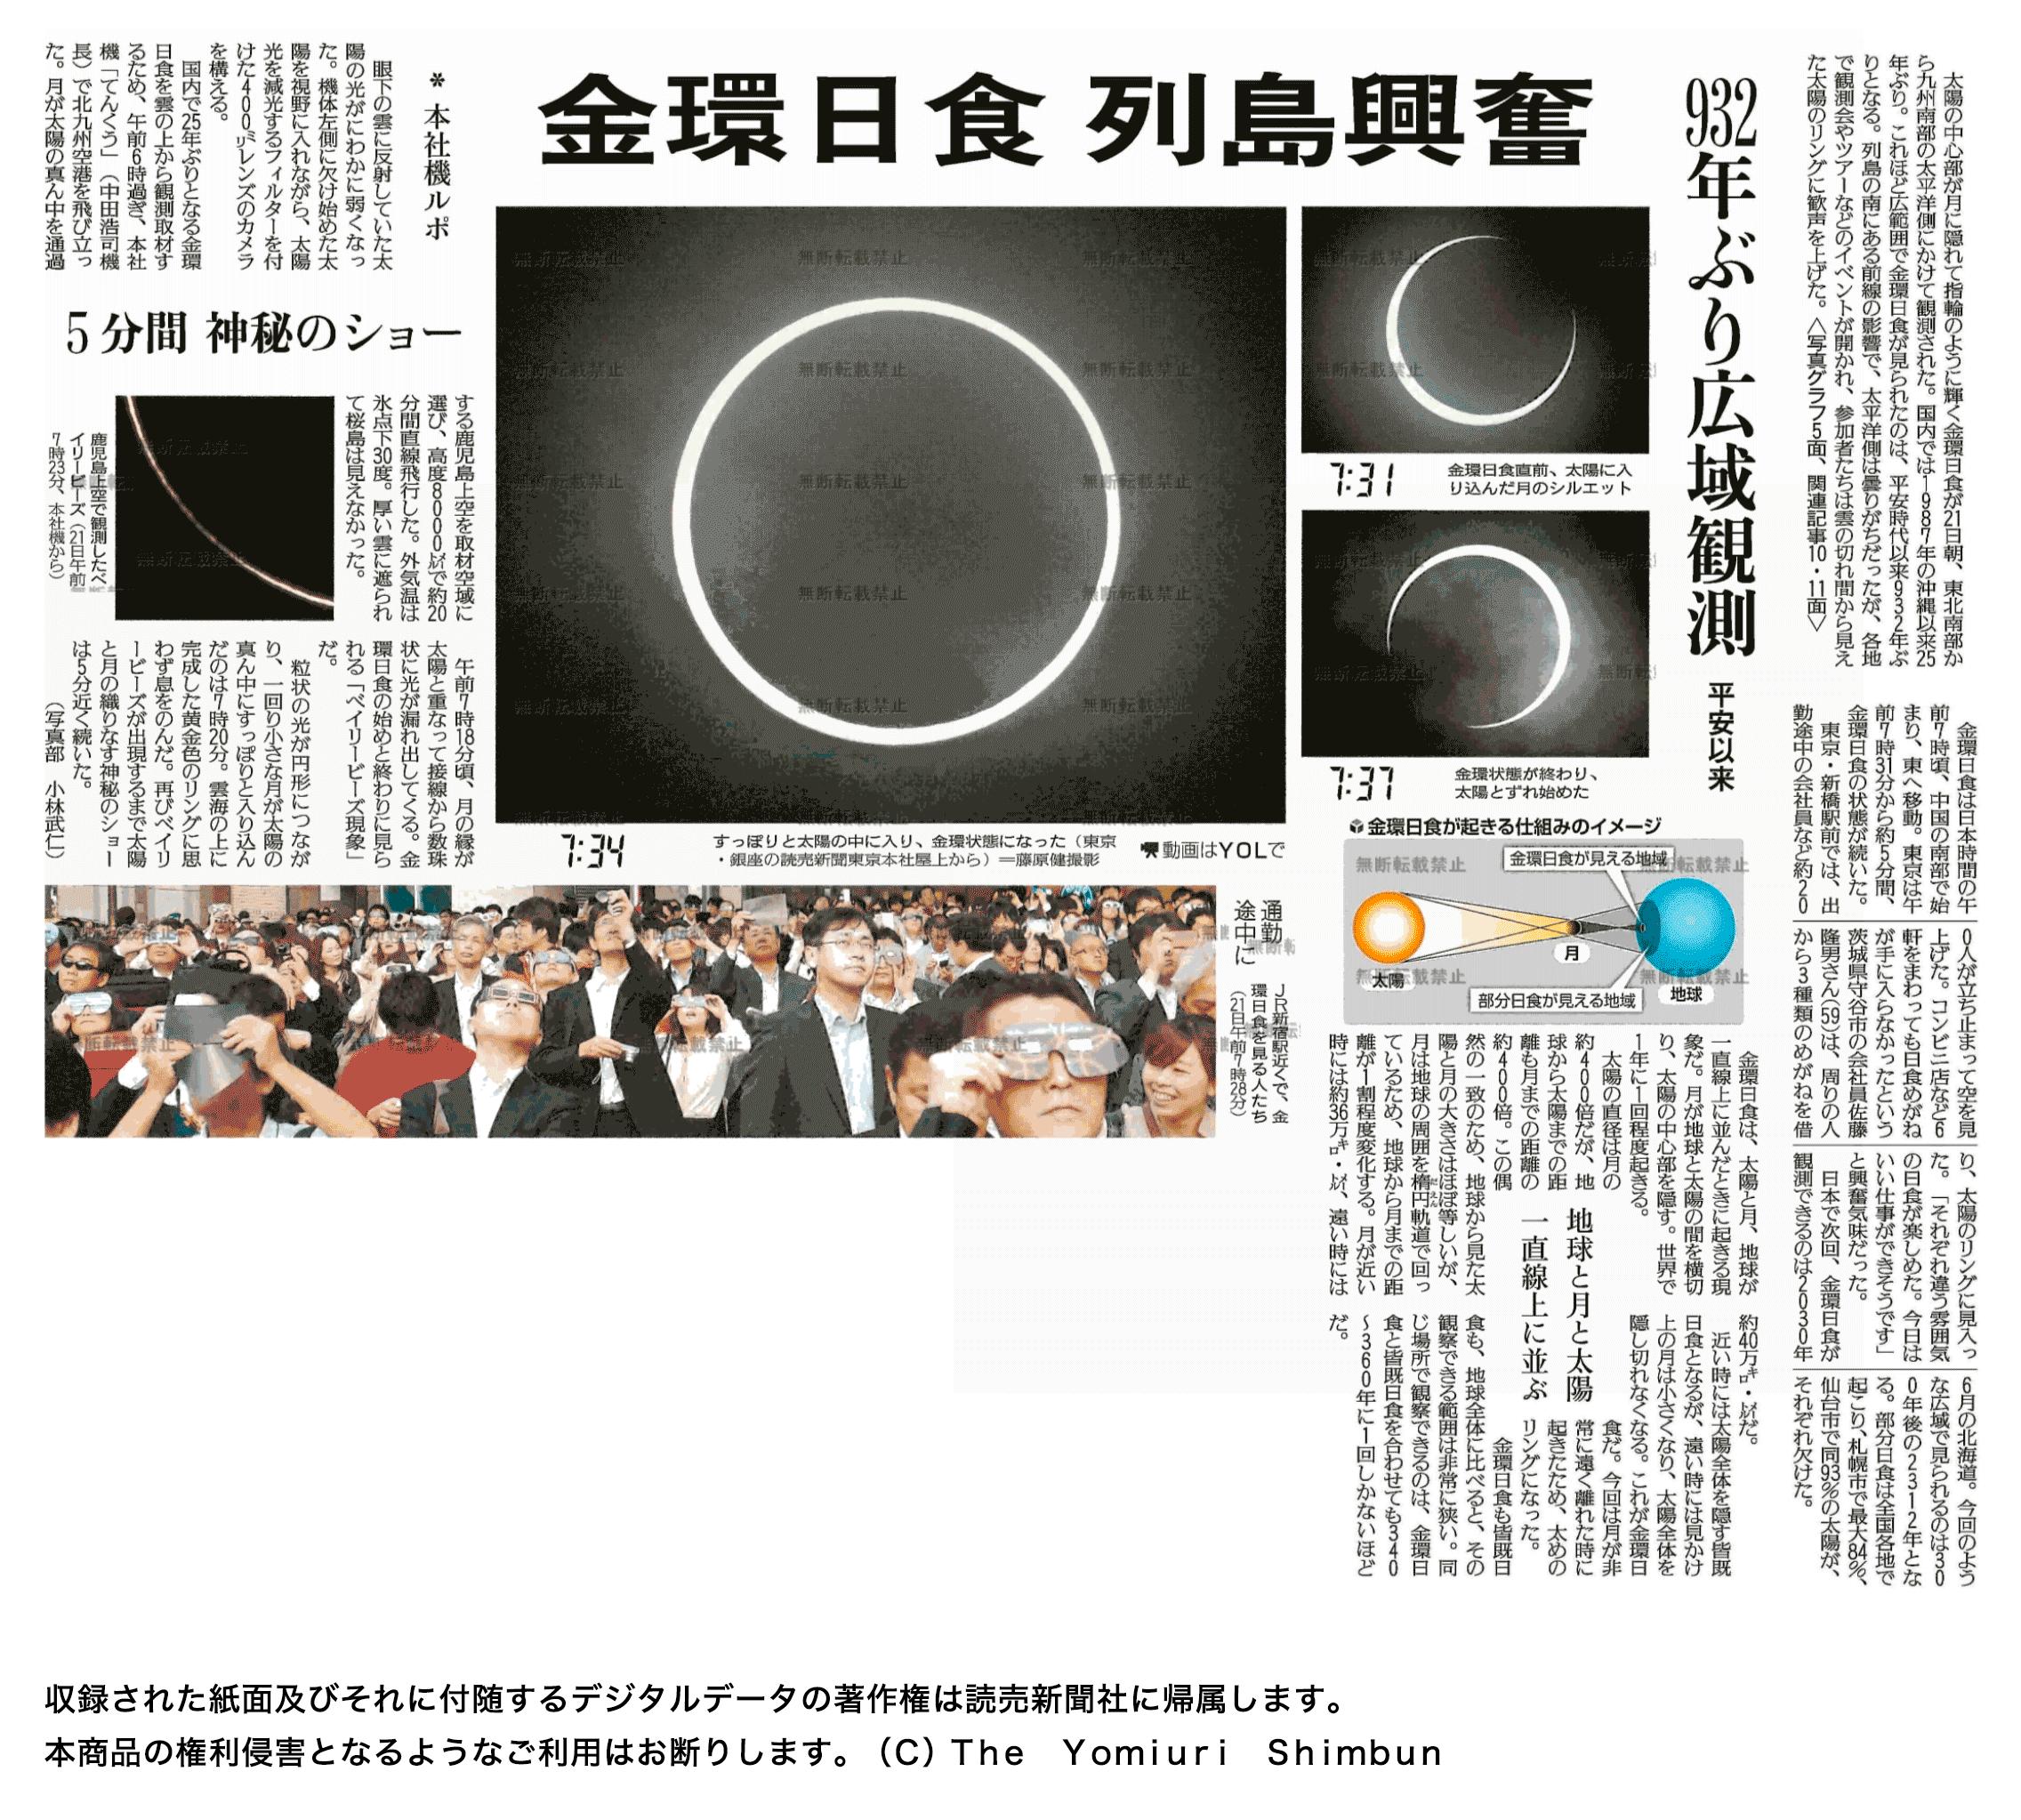 権 新聞 コピー 著作